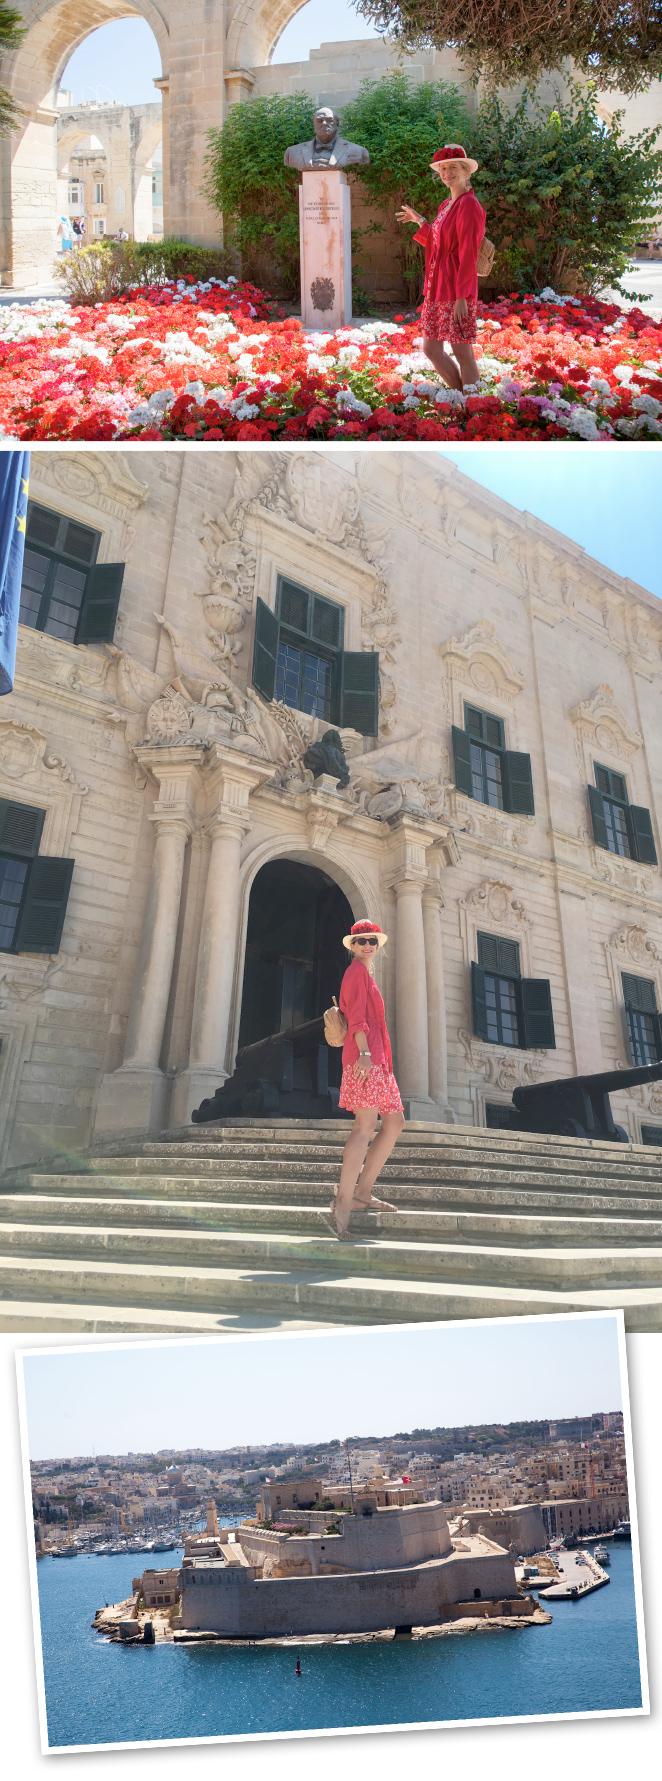 Los Jardines de la Barraca de Arriba que fueron diseñados en 1661 como lugar de descanso para los caballeros italianos. Desde allí se contempla una de las mejores vistas de Malta desde donde se pueden admirar las ciudades de Vittoriosa, Senglea y Cospicua y sus puertos. Hay una gran variedad de plantas exóticas, monumentos, cañones antiguos (que actualmente se utilizan para fiestas populares importantes) y también hay una estatua que conmemora a Sir Winston Churchill.